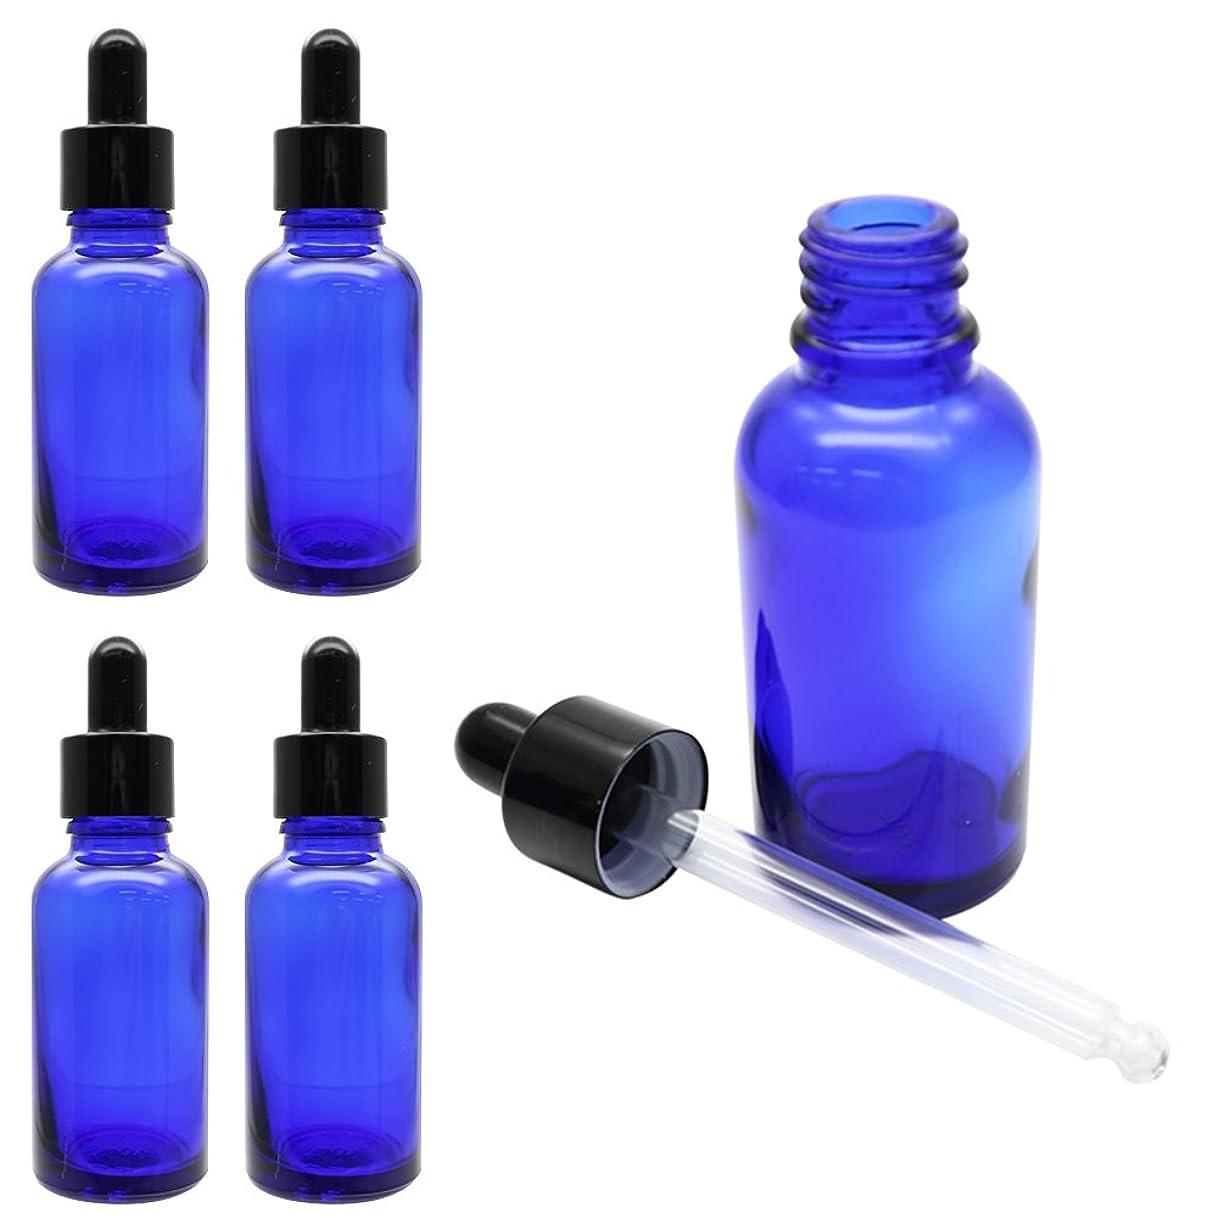 グリット推定ロゴKAURODO 香水やアロマの保存に便利! スポイト付き遮光瓶 ガラス製 30ml 5本セット (ブルー)